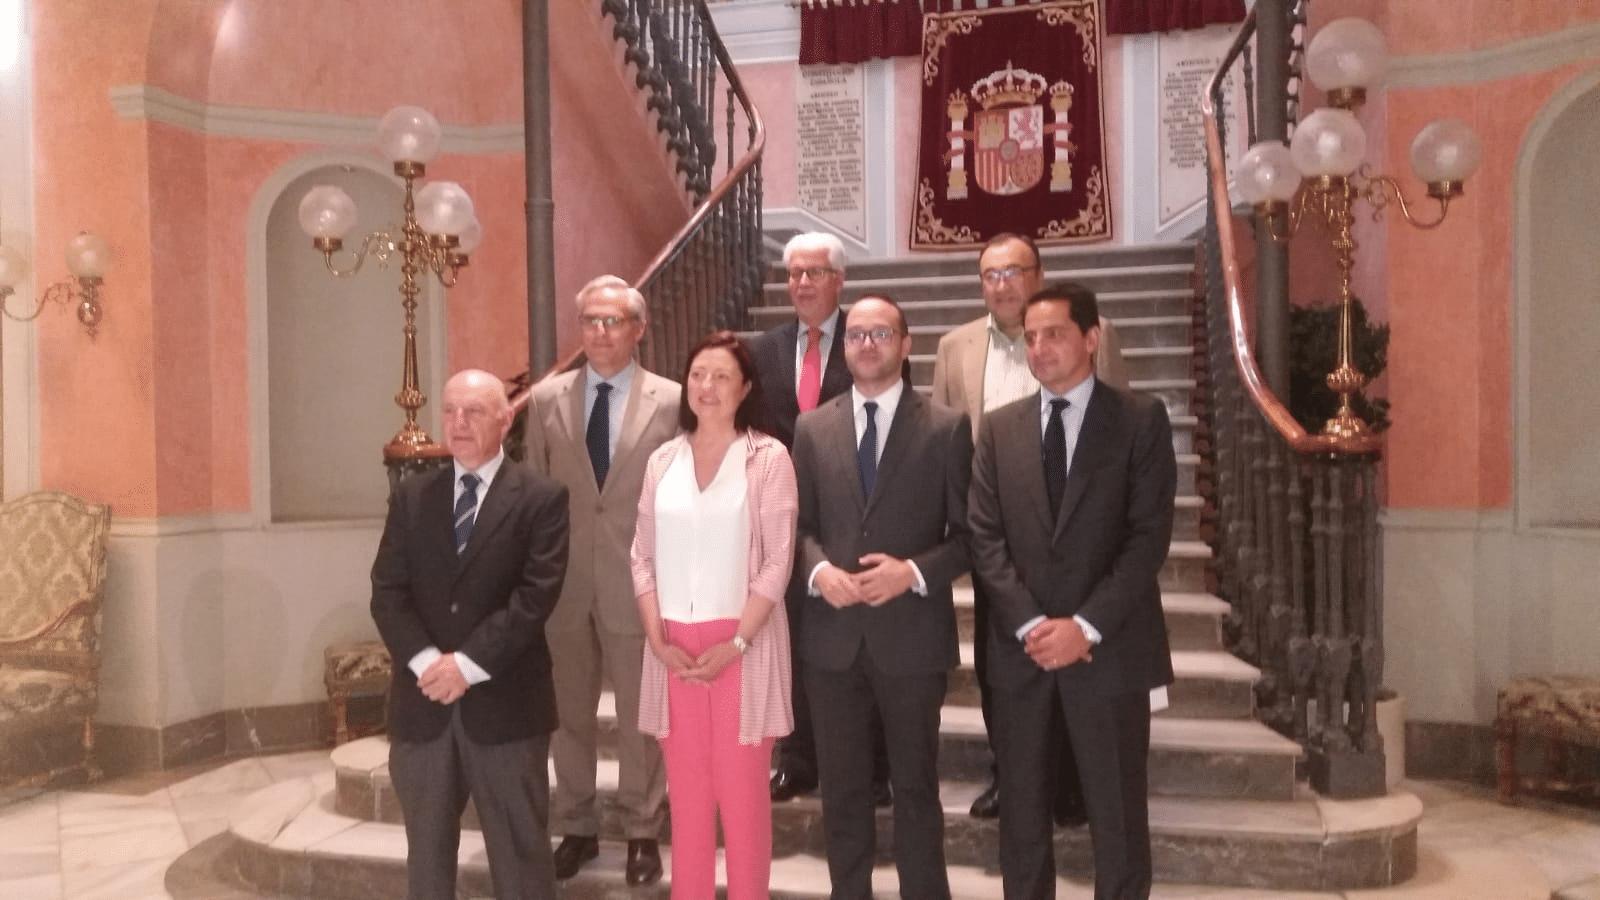 https://blog.globalcaja.es/wp-content/uploads/2019/07/jornadas-sobre-la-familia.png